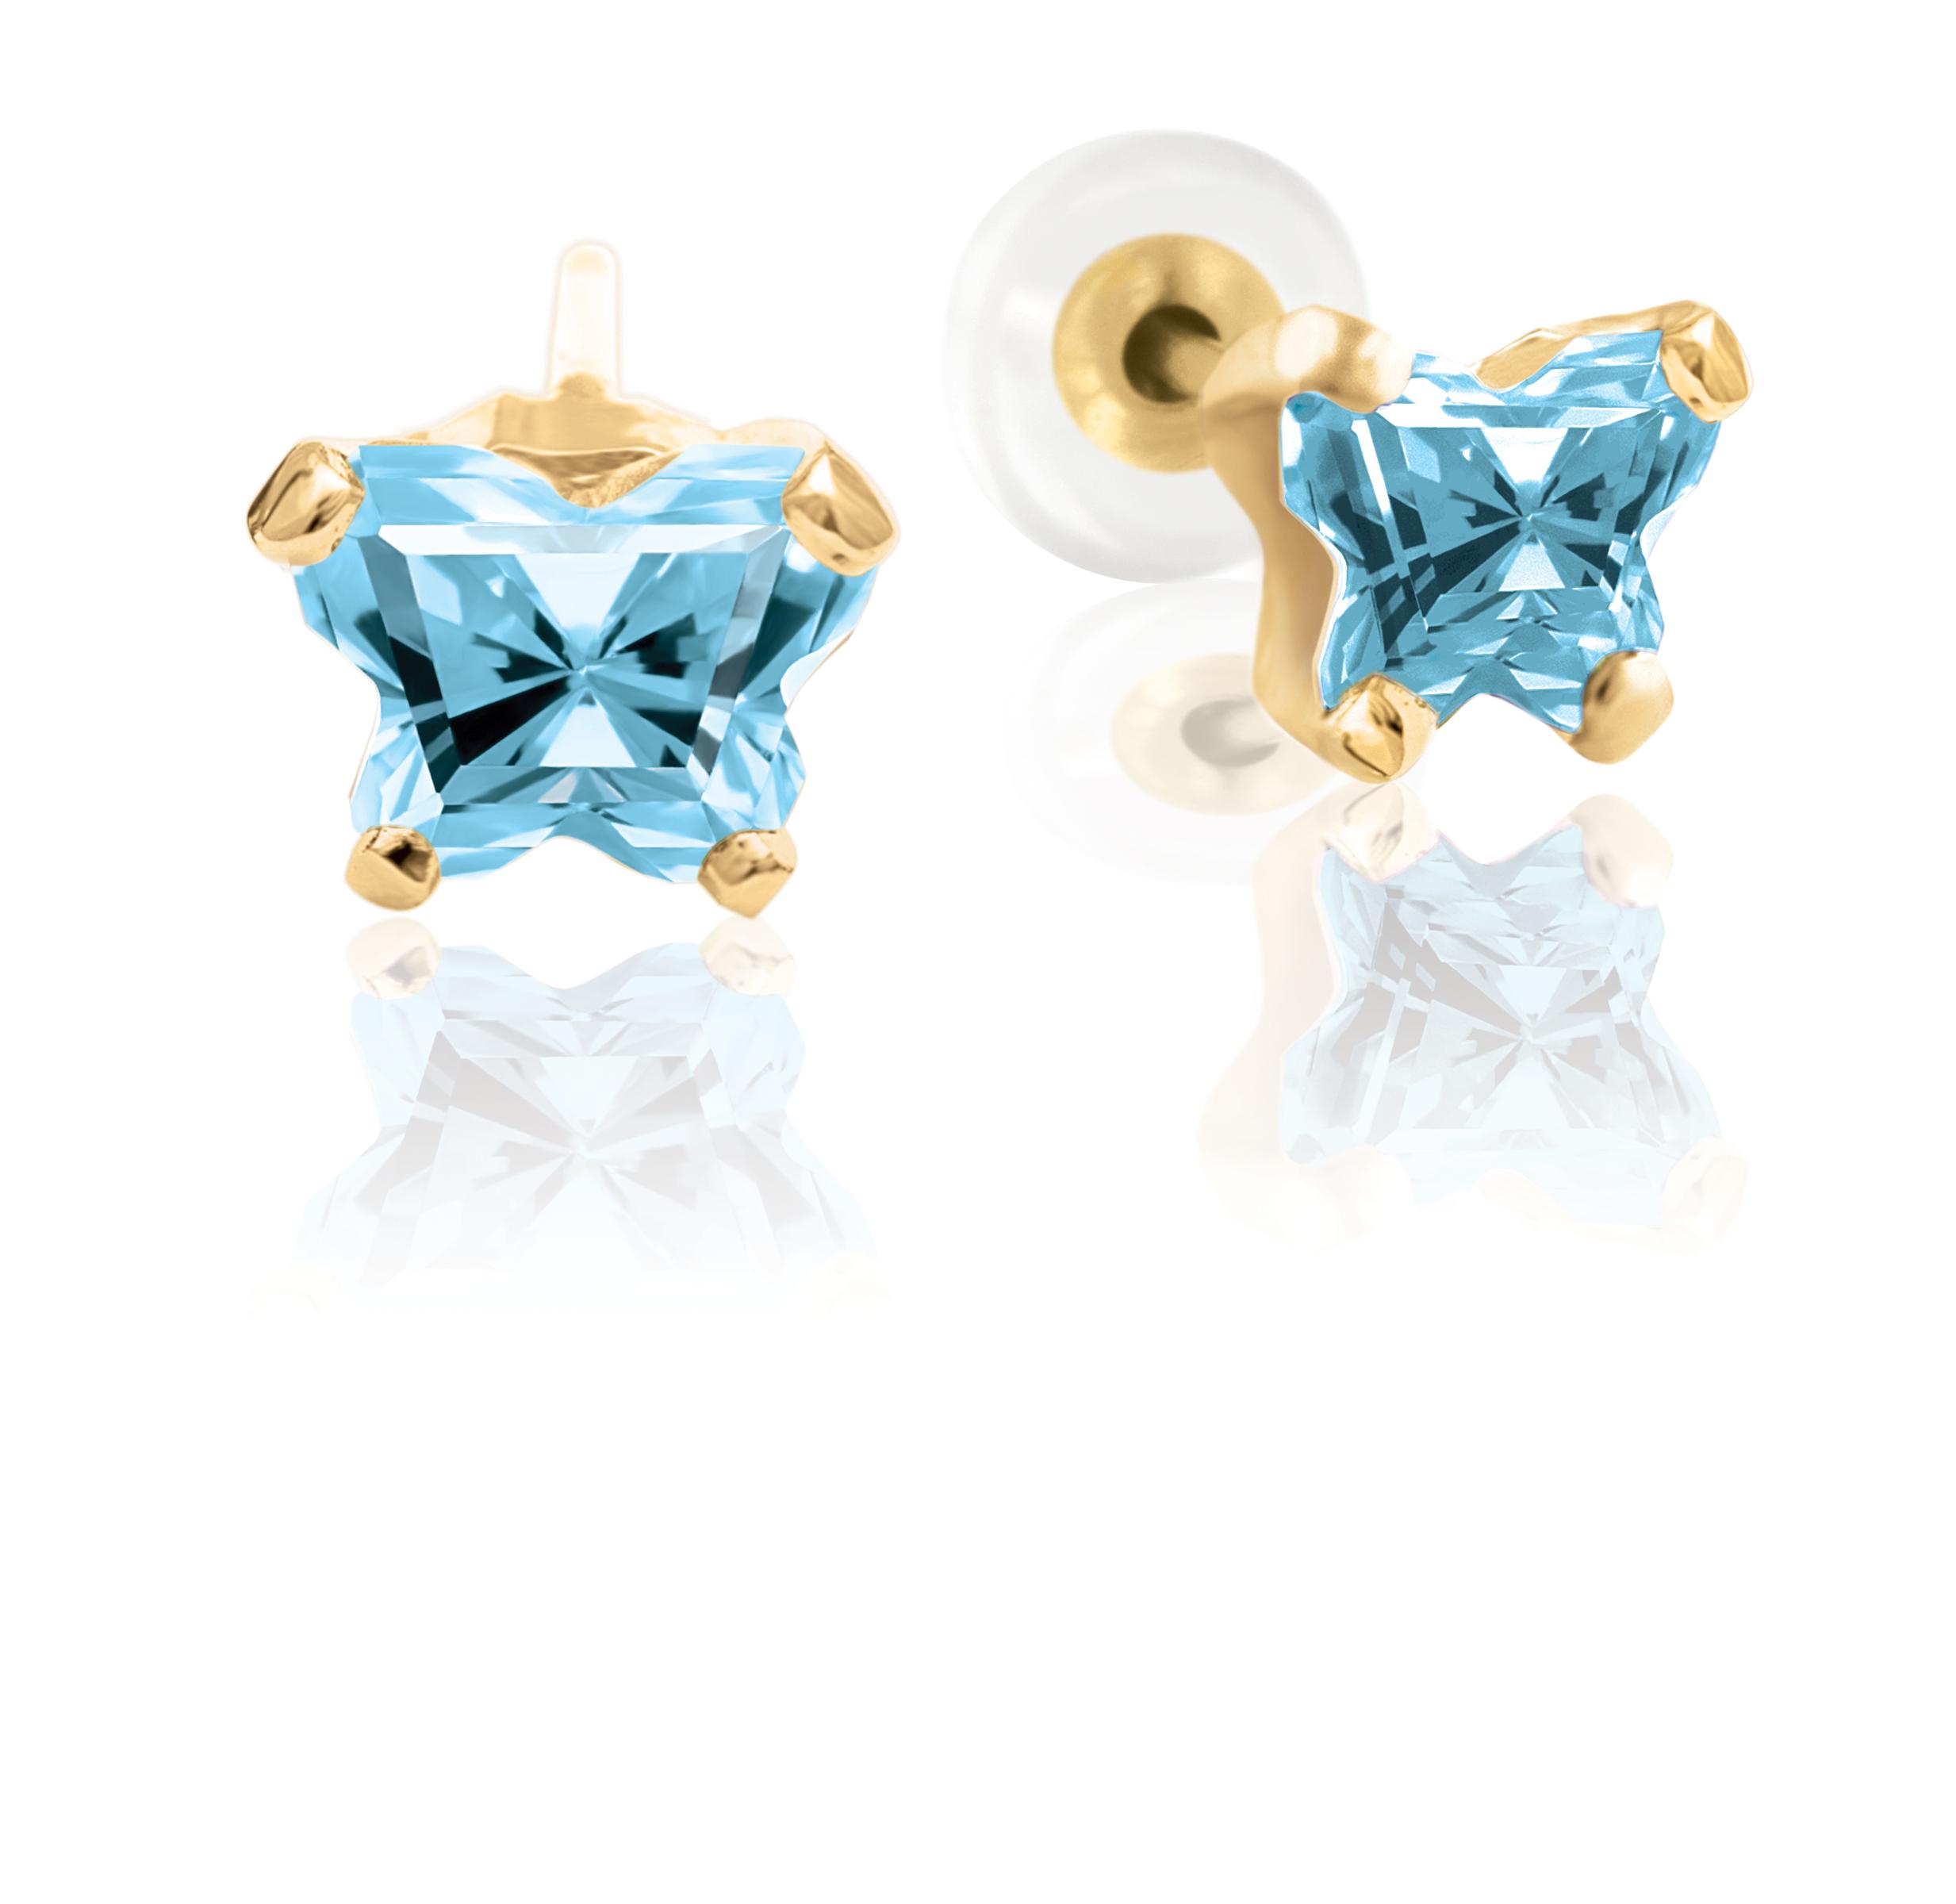 Boucles d'oreilles à tiges fixes BFLY pour bébé sertis de zircons cubiques bleu pâle (mois de mars) - en or jaune 10K